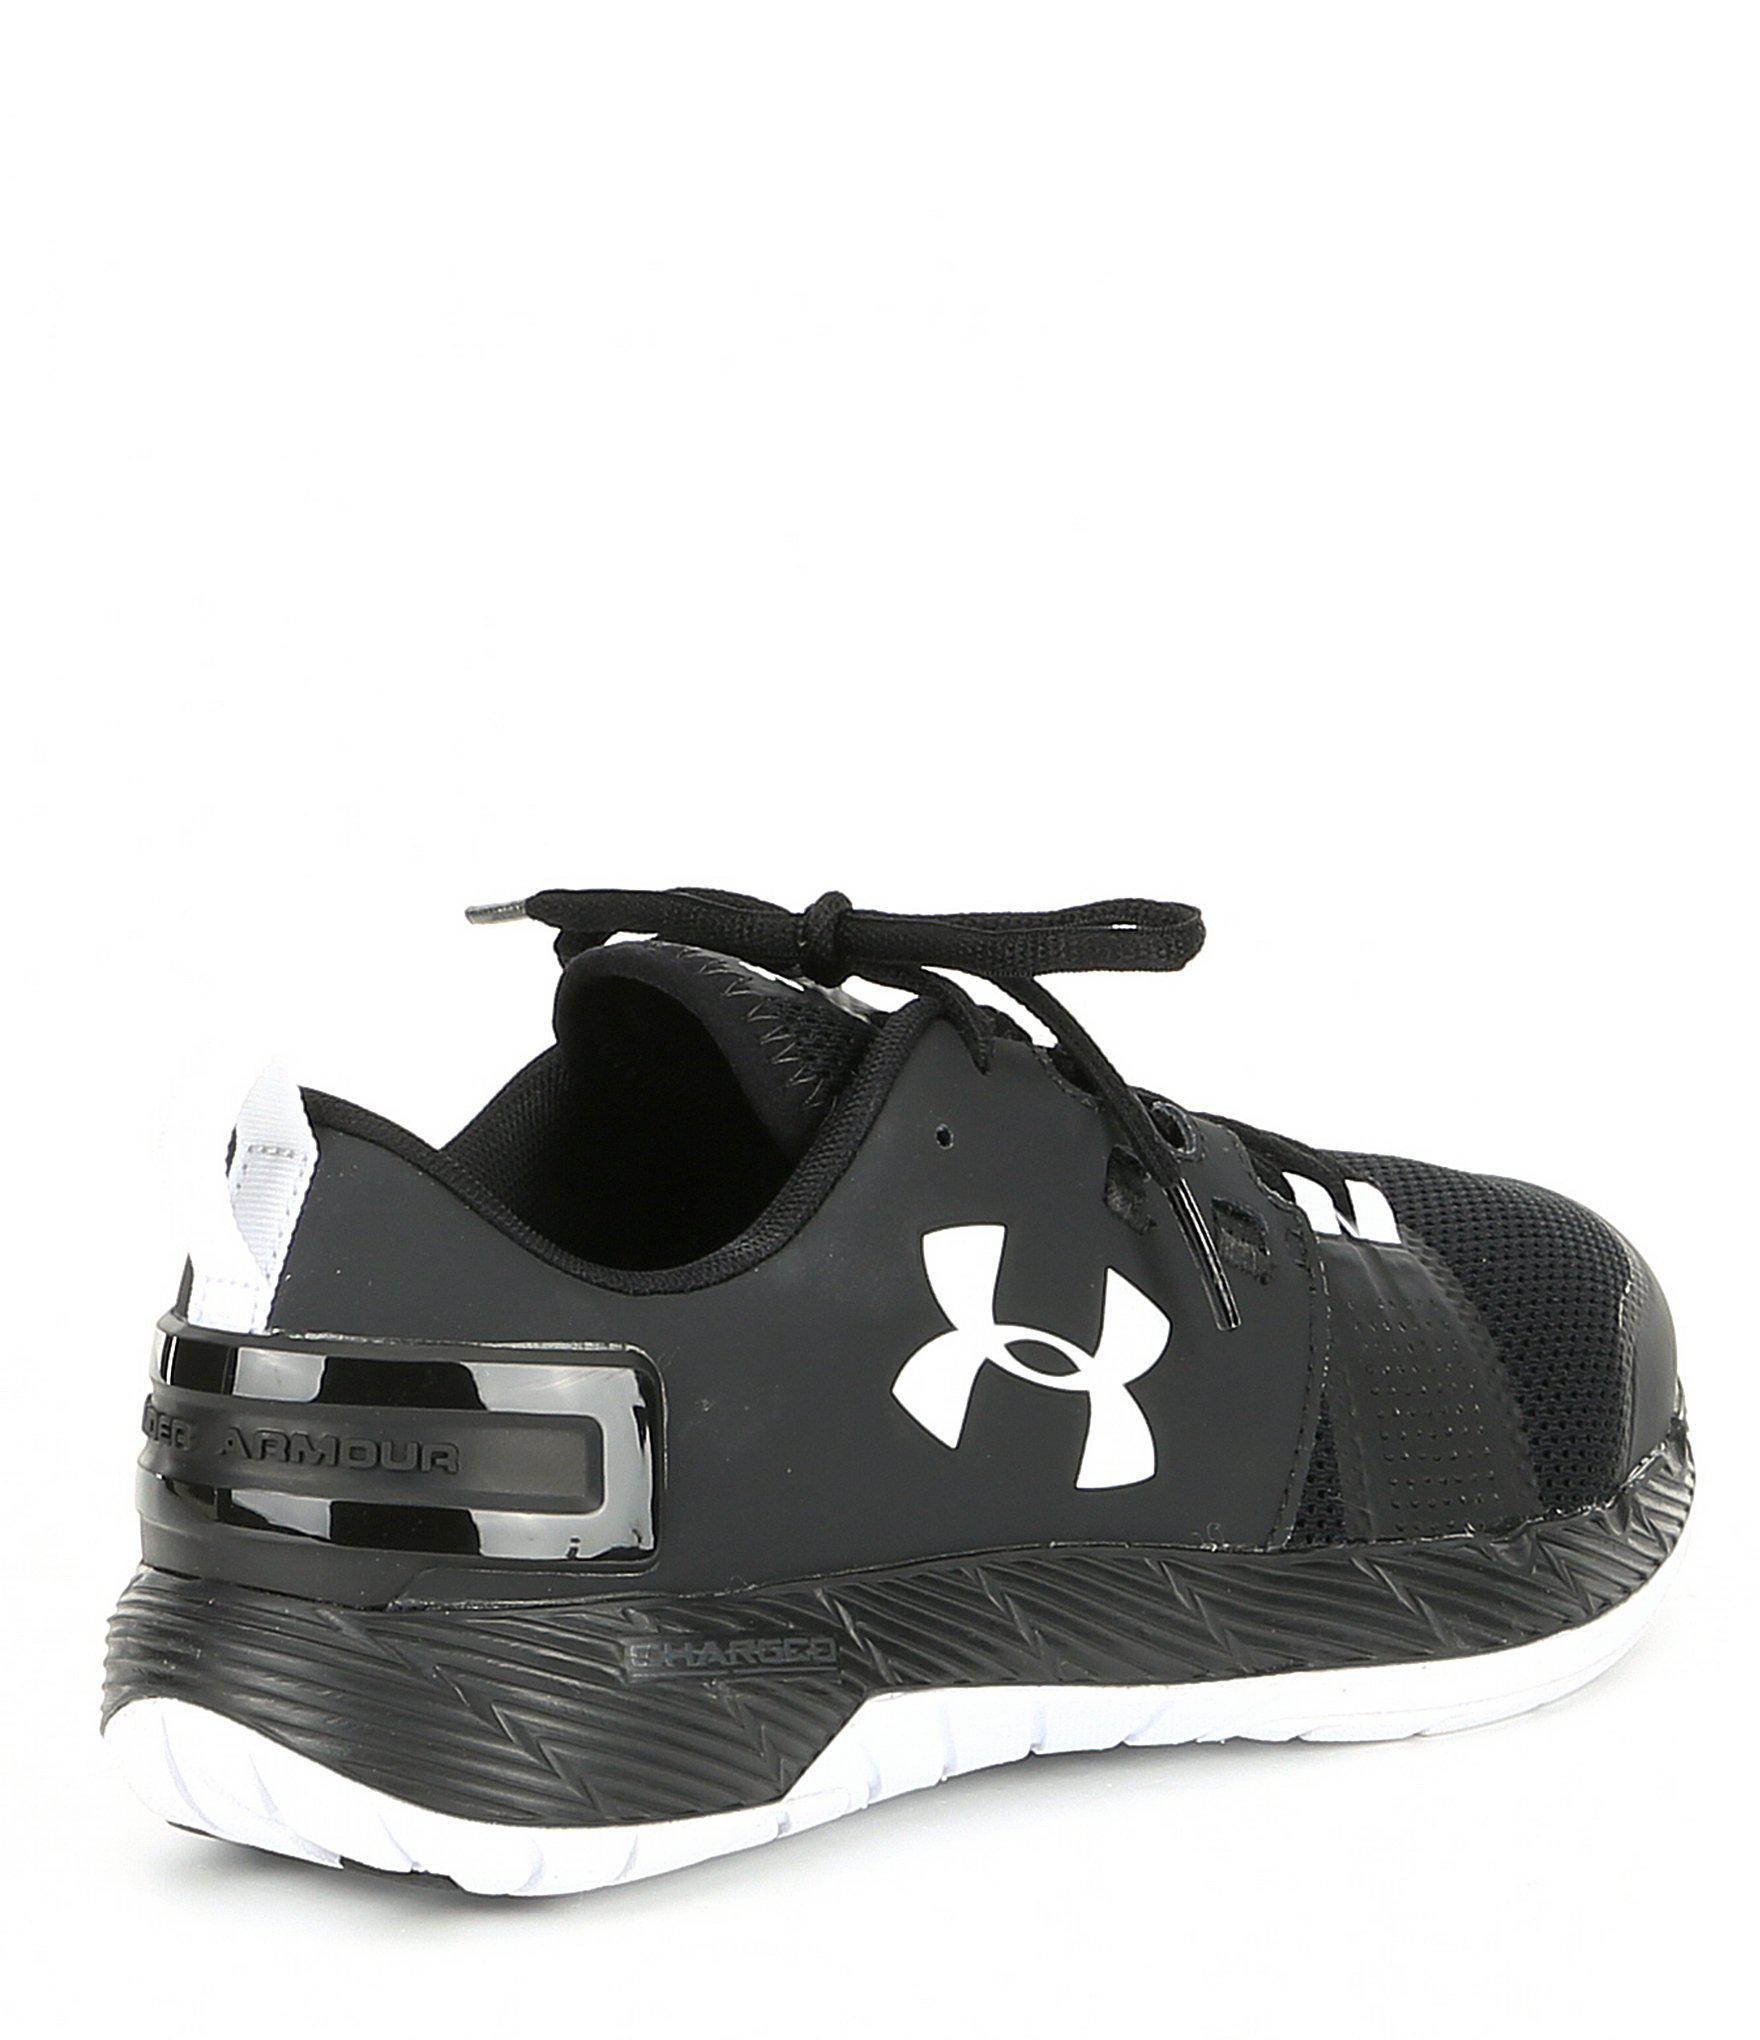 wholesale dealer 0ed5c c2a1d Under Armour Black Men's Commit Tr X Nm Training Shoe for men